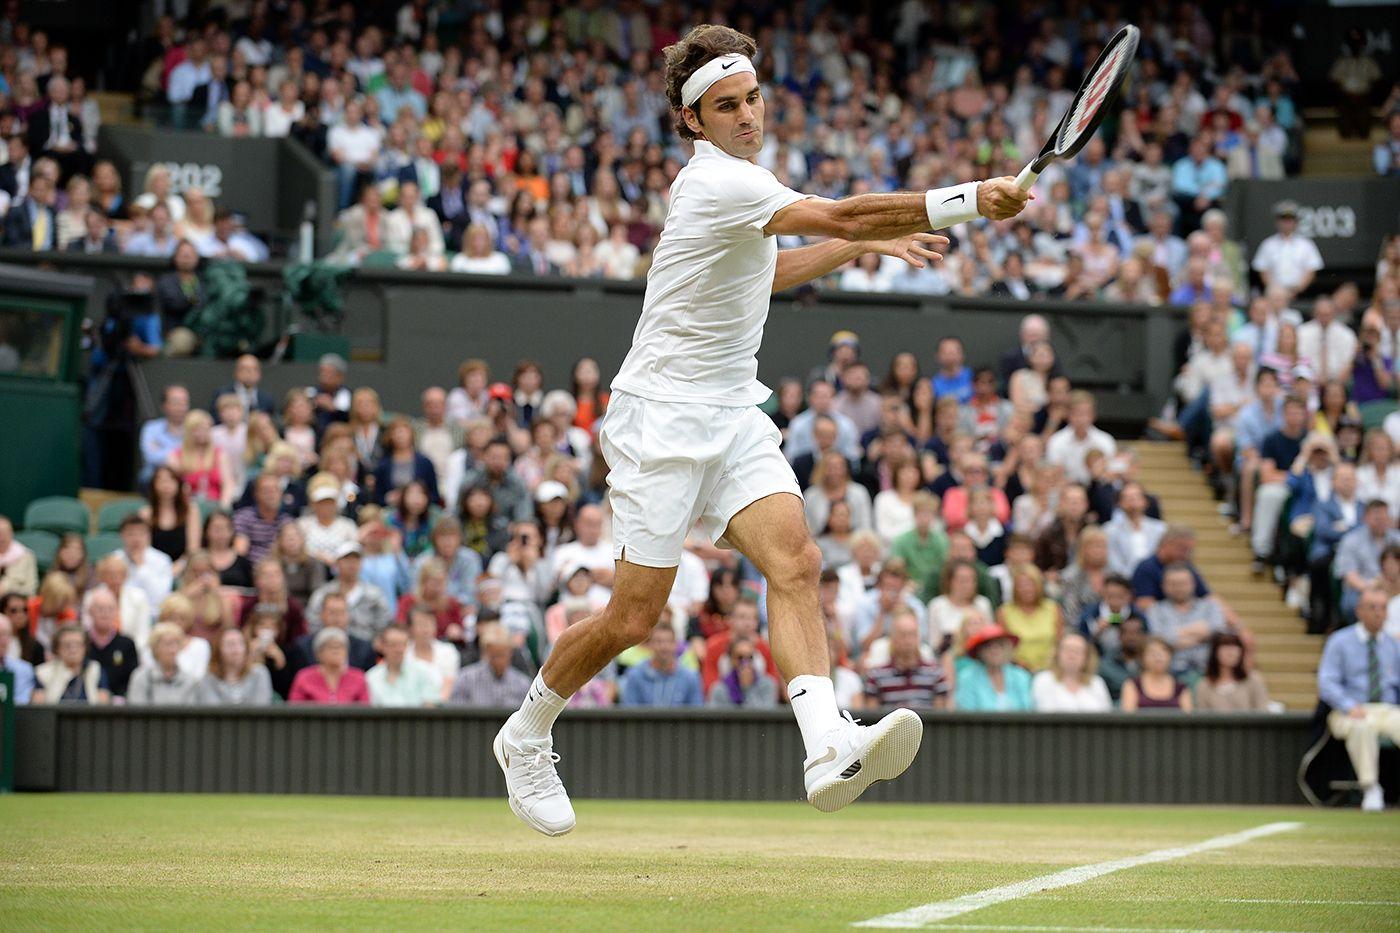 Centre Court: Federer vs. Giraldo Roger Federer hits a forehand - Tom Lovelock/AELTC